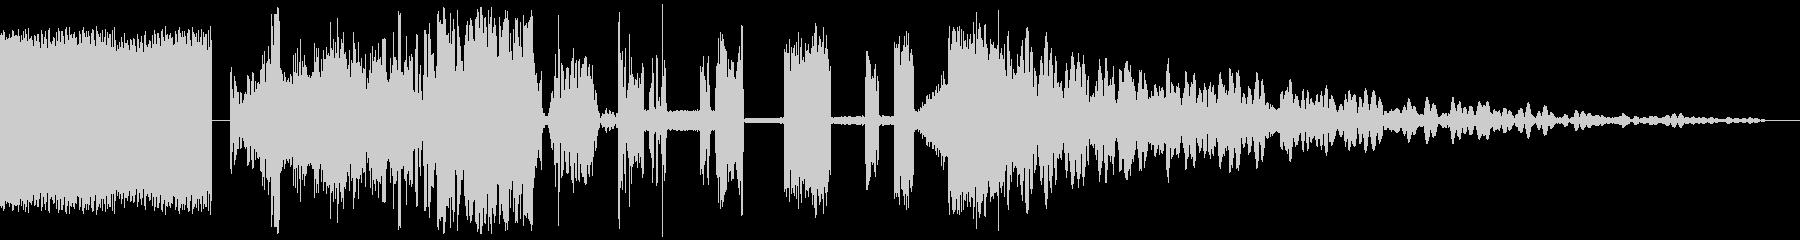 ハイクオリティなラジオジングル制作にの未再生の波形